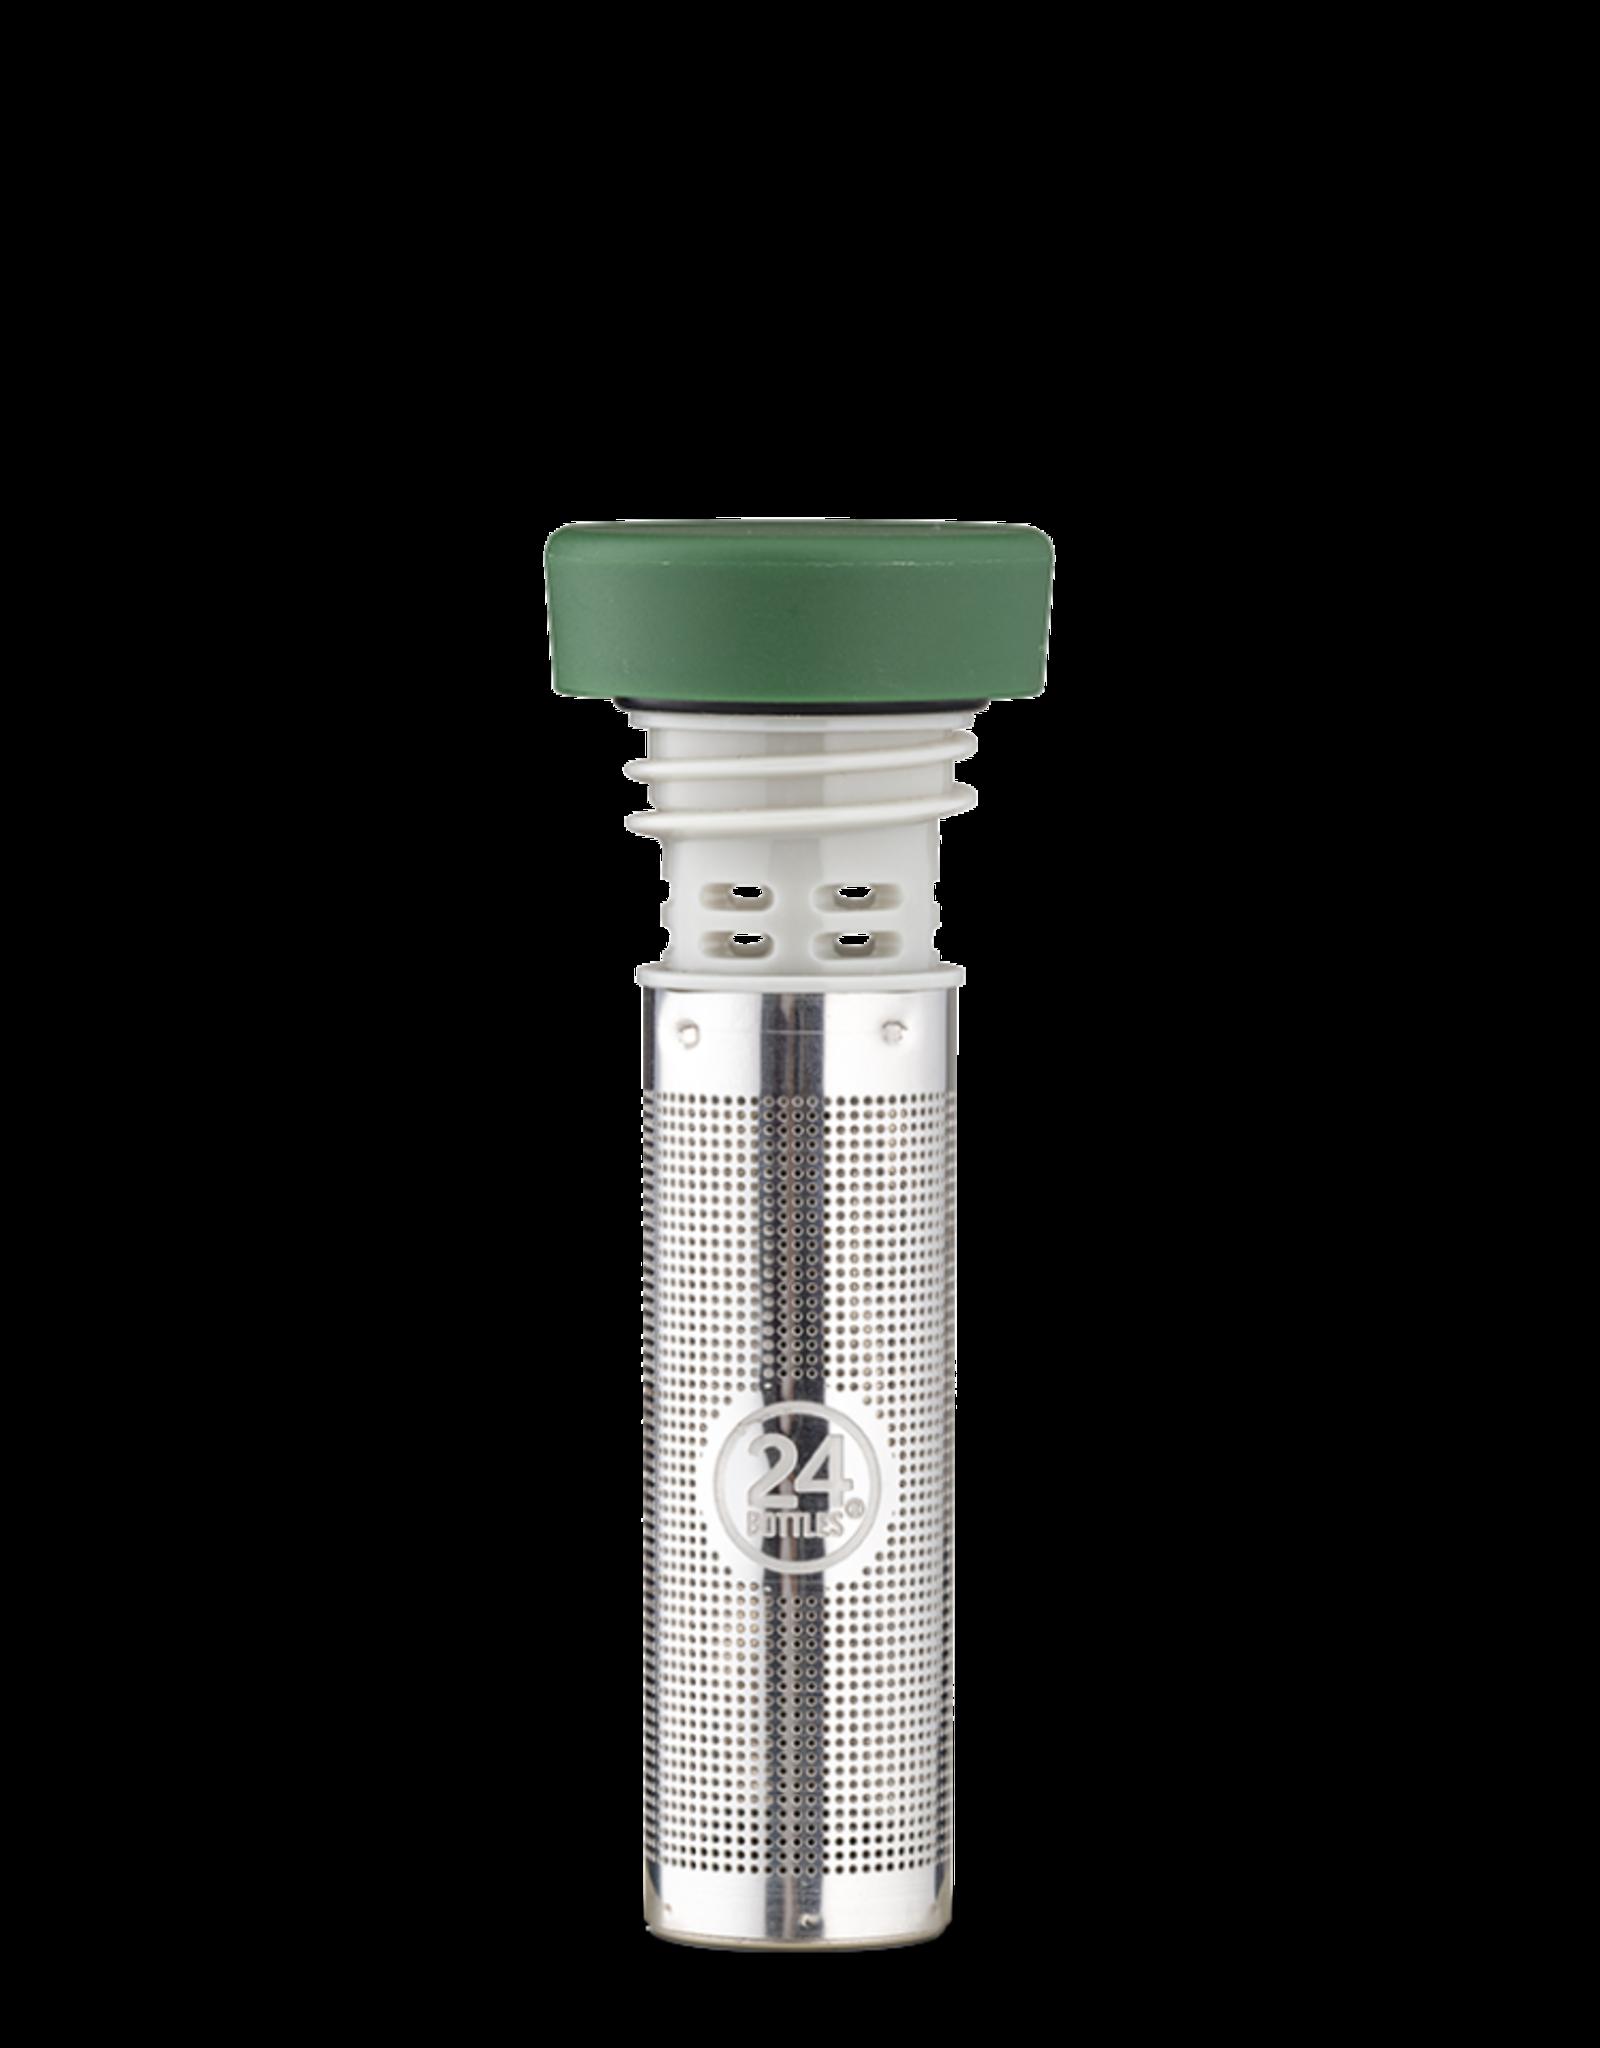 24 bottles Tea infuser lid - Groen